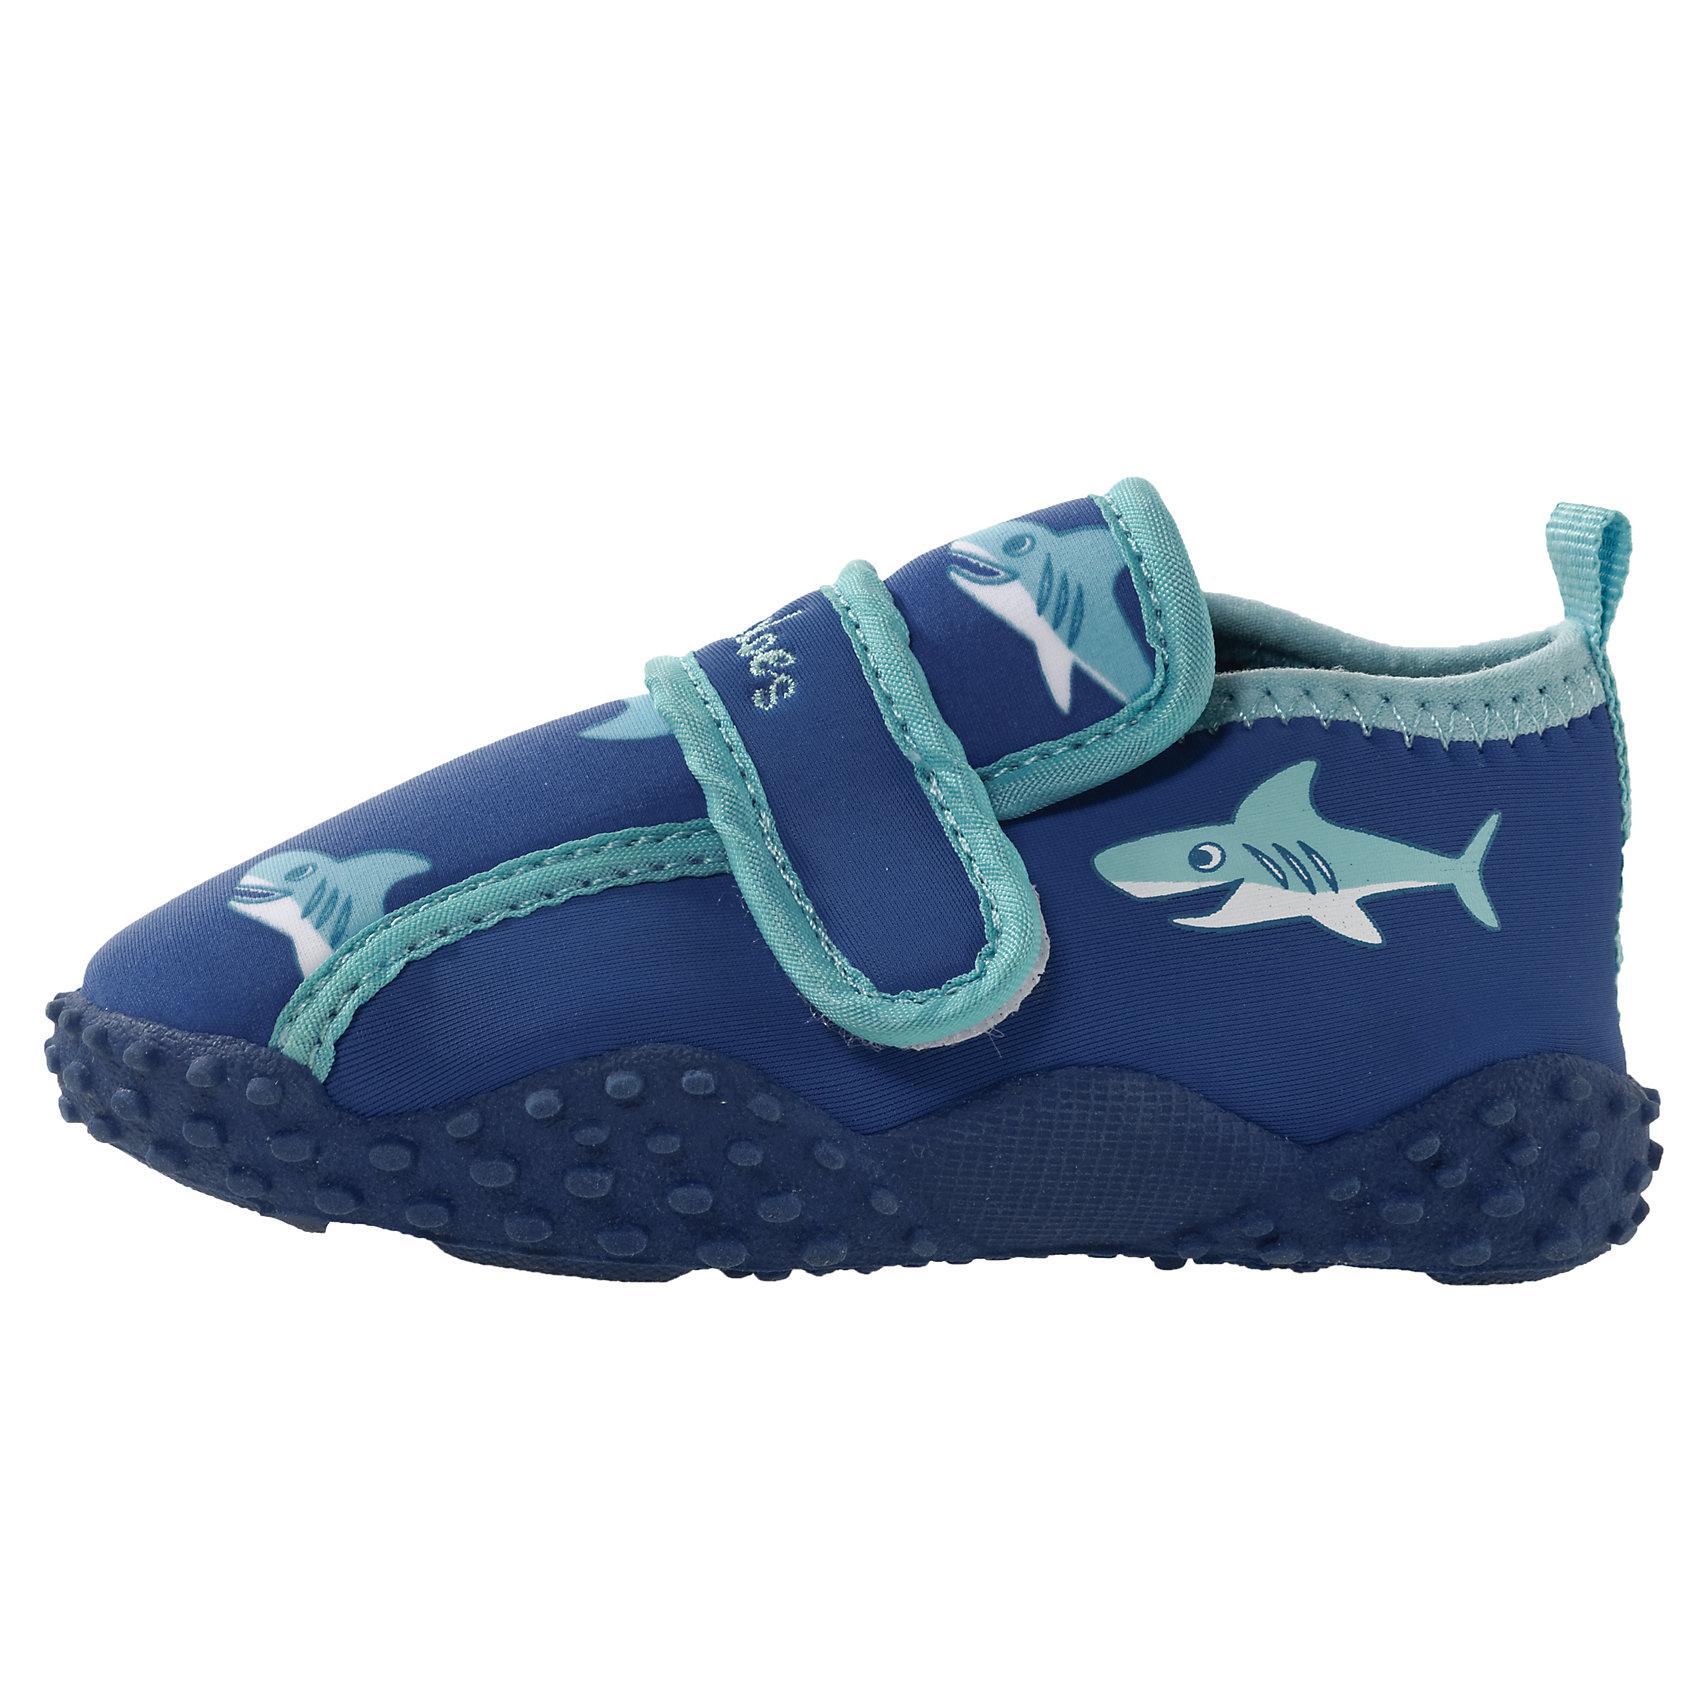 Neu-Playshoes-Baby-Aquaschuhe-mit-UV-Schutz-HAI-fuer-Jungen-5928788-fuer-Jungen